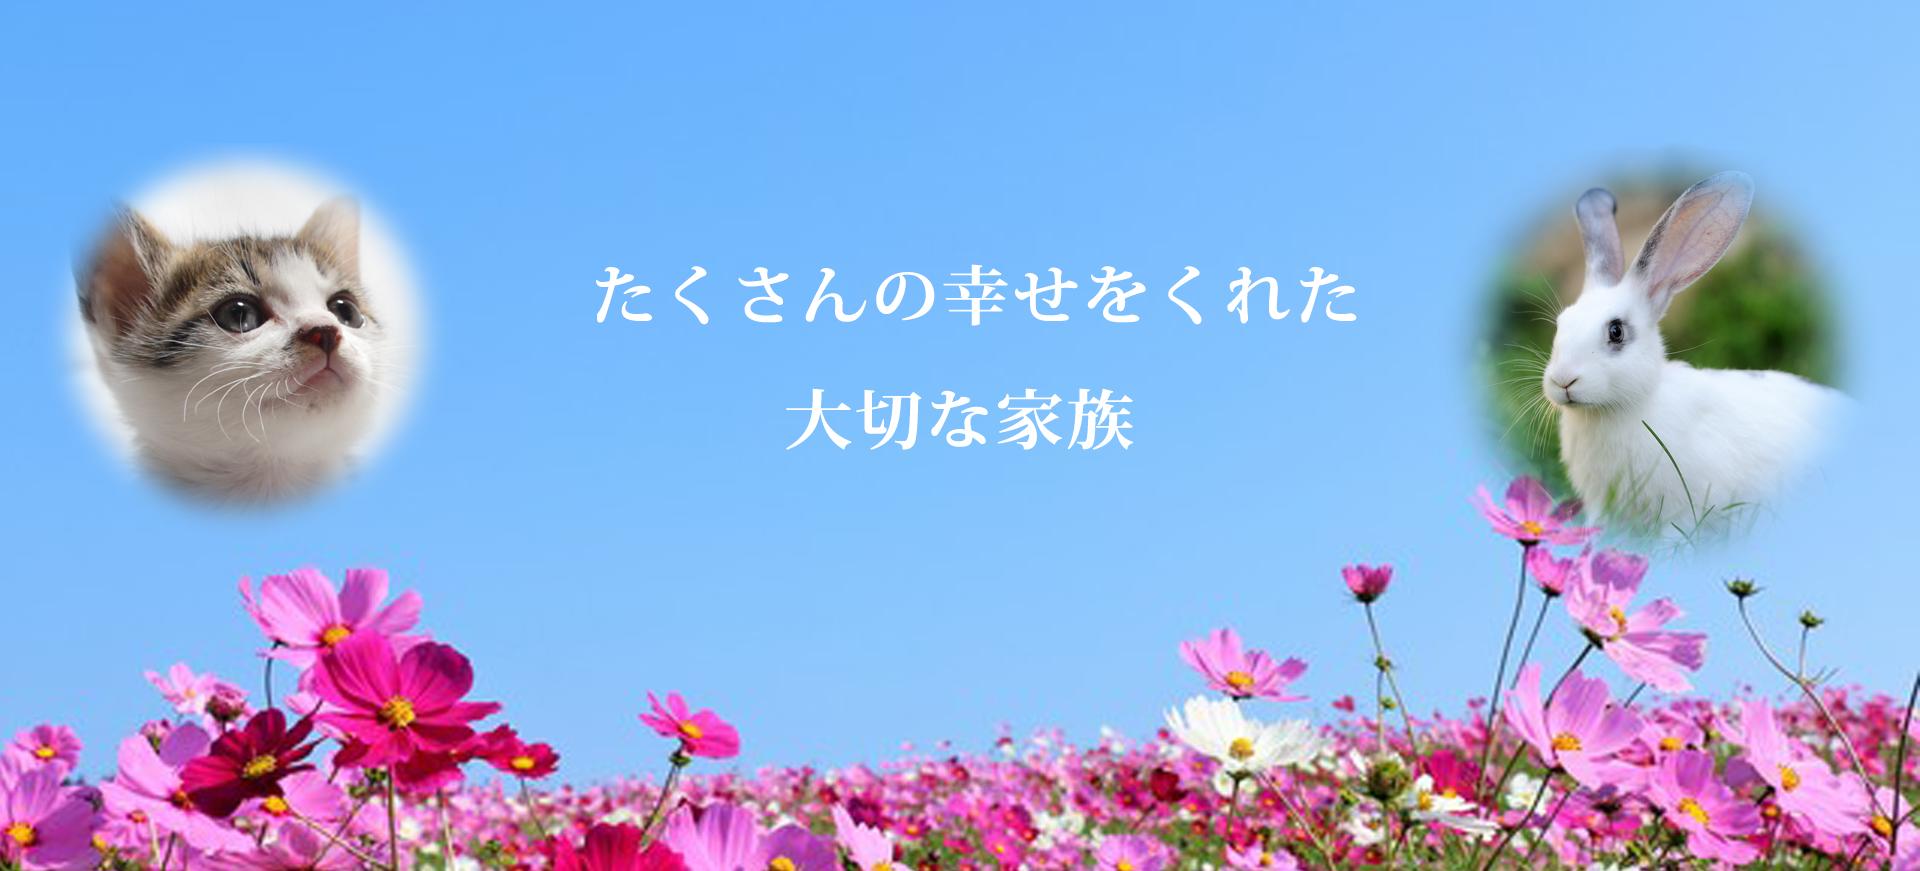 Slide image 1